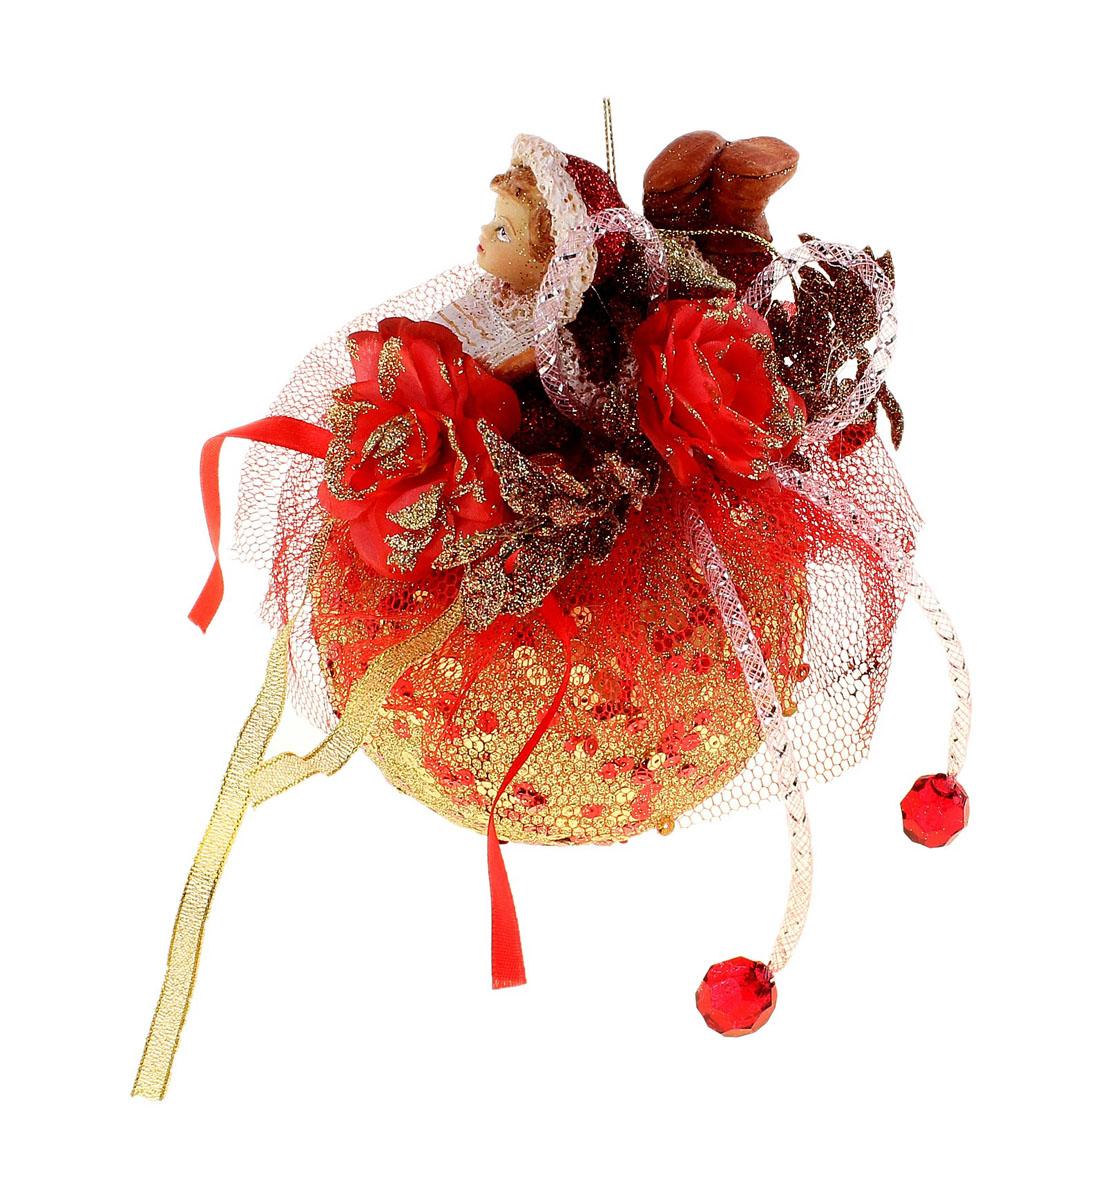 Новогоднее подвесное украшение Sima-land Девочка на шаре, диаметр 10 см684422Новогоднее украшение Sima-land Девочка на шаре отлично подойдет для декорации вашего дома и новогодней ели. Игрушка выполнена из пластика в виде большого шара, декорированного пайетками, текстильной сеткой и лентами, цветами, листьями и декоративными камнями. Сверху на шаре располагается фигурка лежащей с книгой девочки из полистоуна. Украшение оснащено текстильной петелькой для подвешивания. Елочная игрушка - символ Нового года. Она несет в себе волшебство и красоту праздника. Создайте в своем доме атмосферу веселья и радости, украшая всей семьей новогоднюю елку нарядными игрушками, которые будут из года в год накапливать теплоту воспоминаний. Коллекция декоративных украшений из серии Зимнее волшебство принесет в ваш дом ни с чем не сравнимое ощущение праздника!